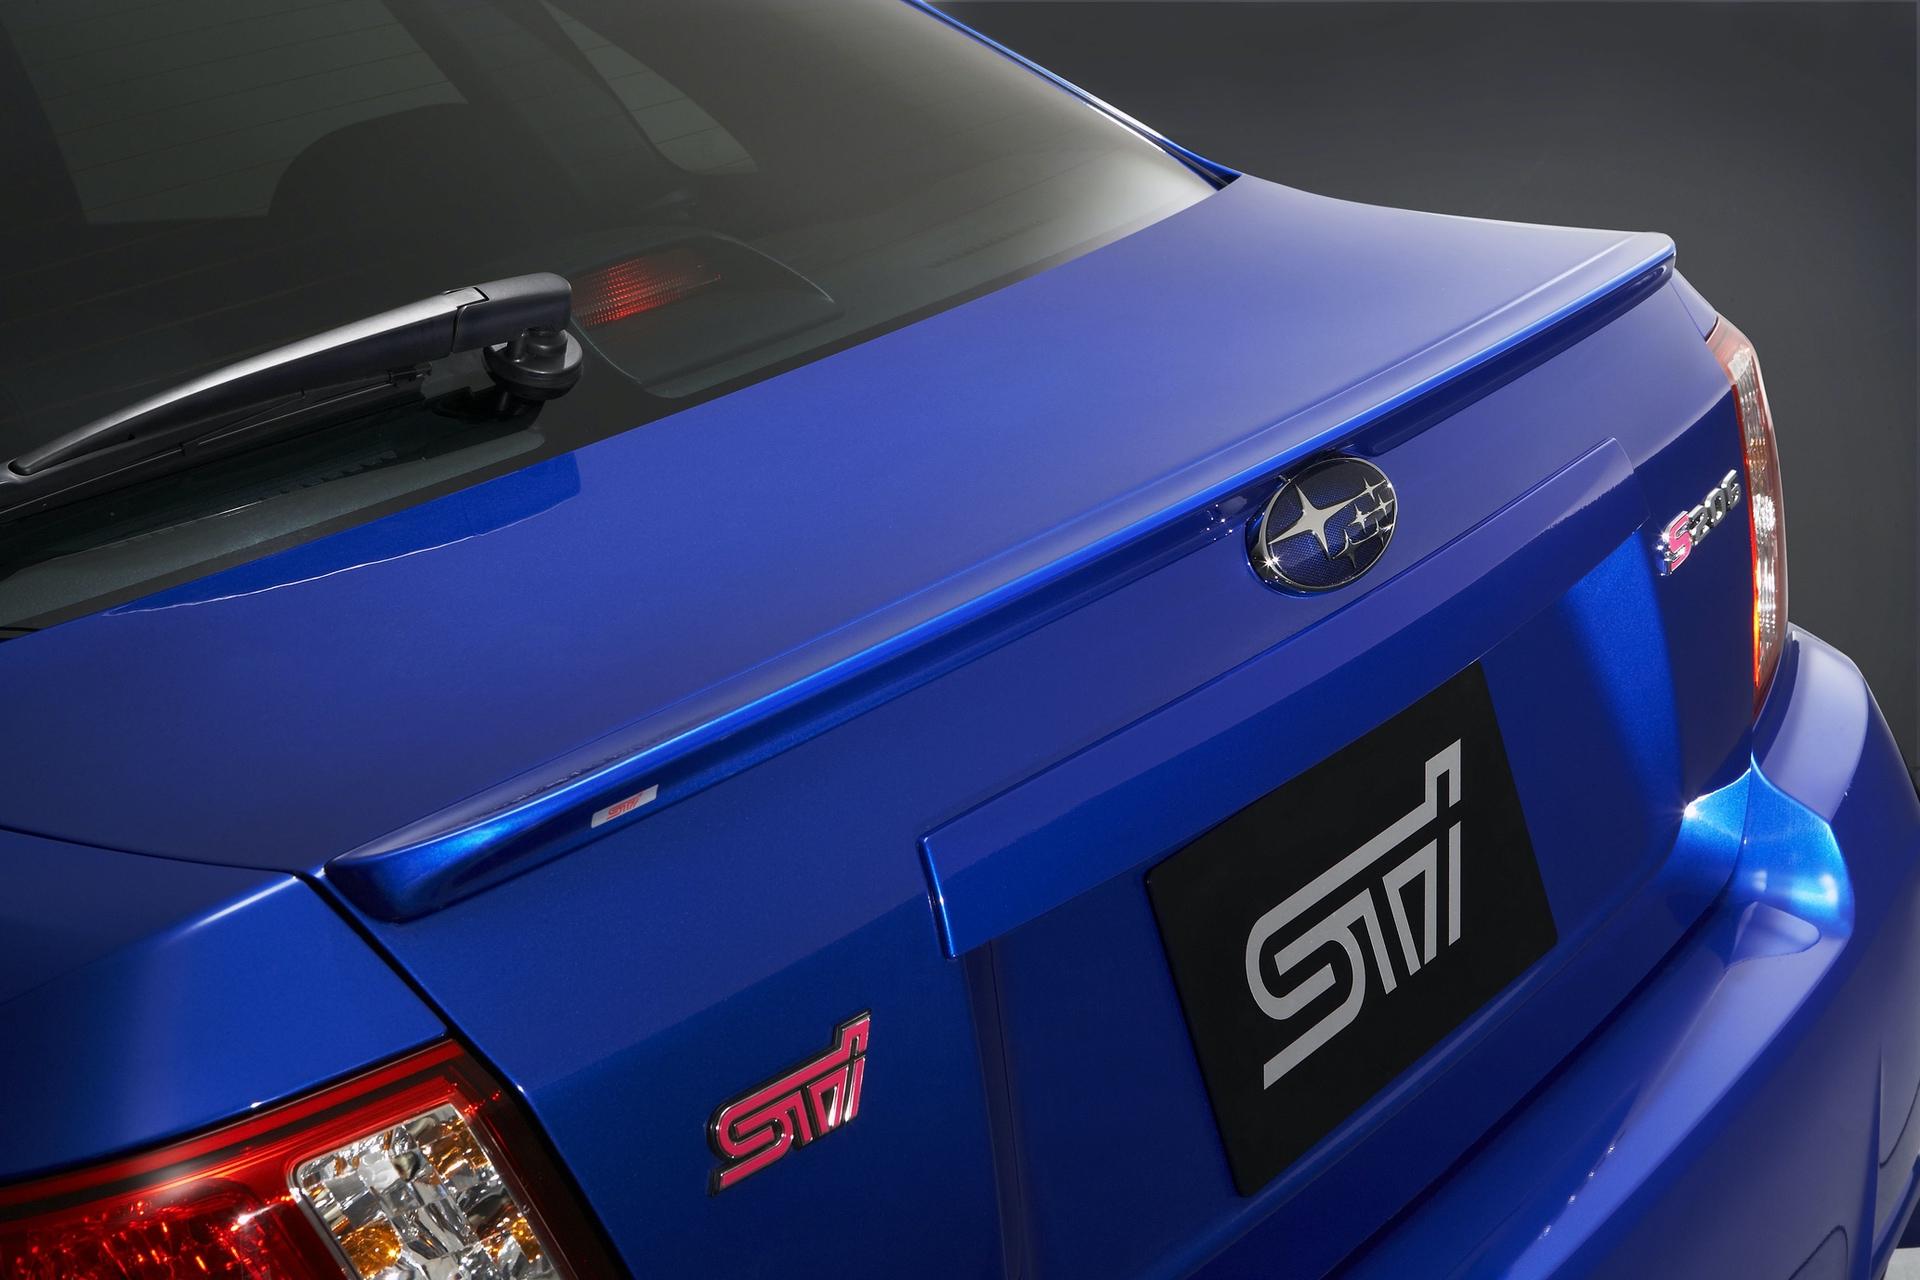 Subaru_Impreza_STI_S206_0012